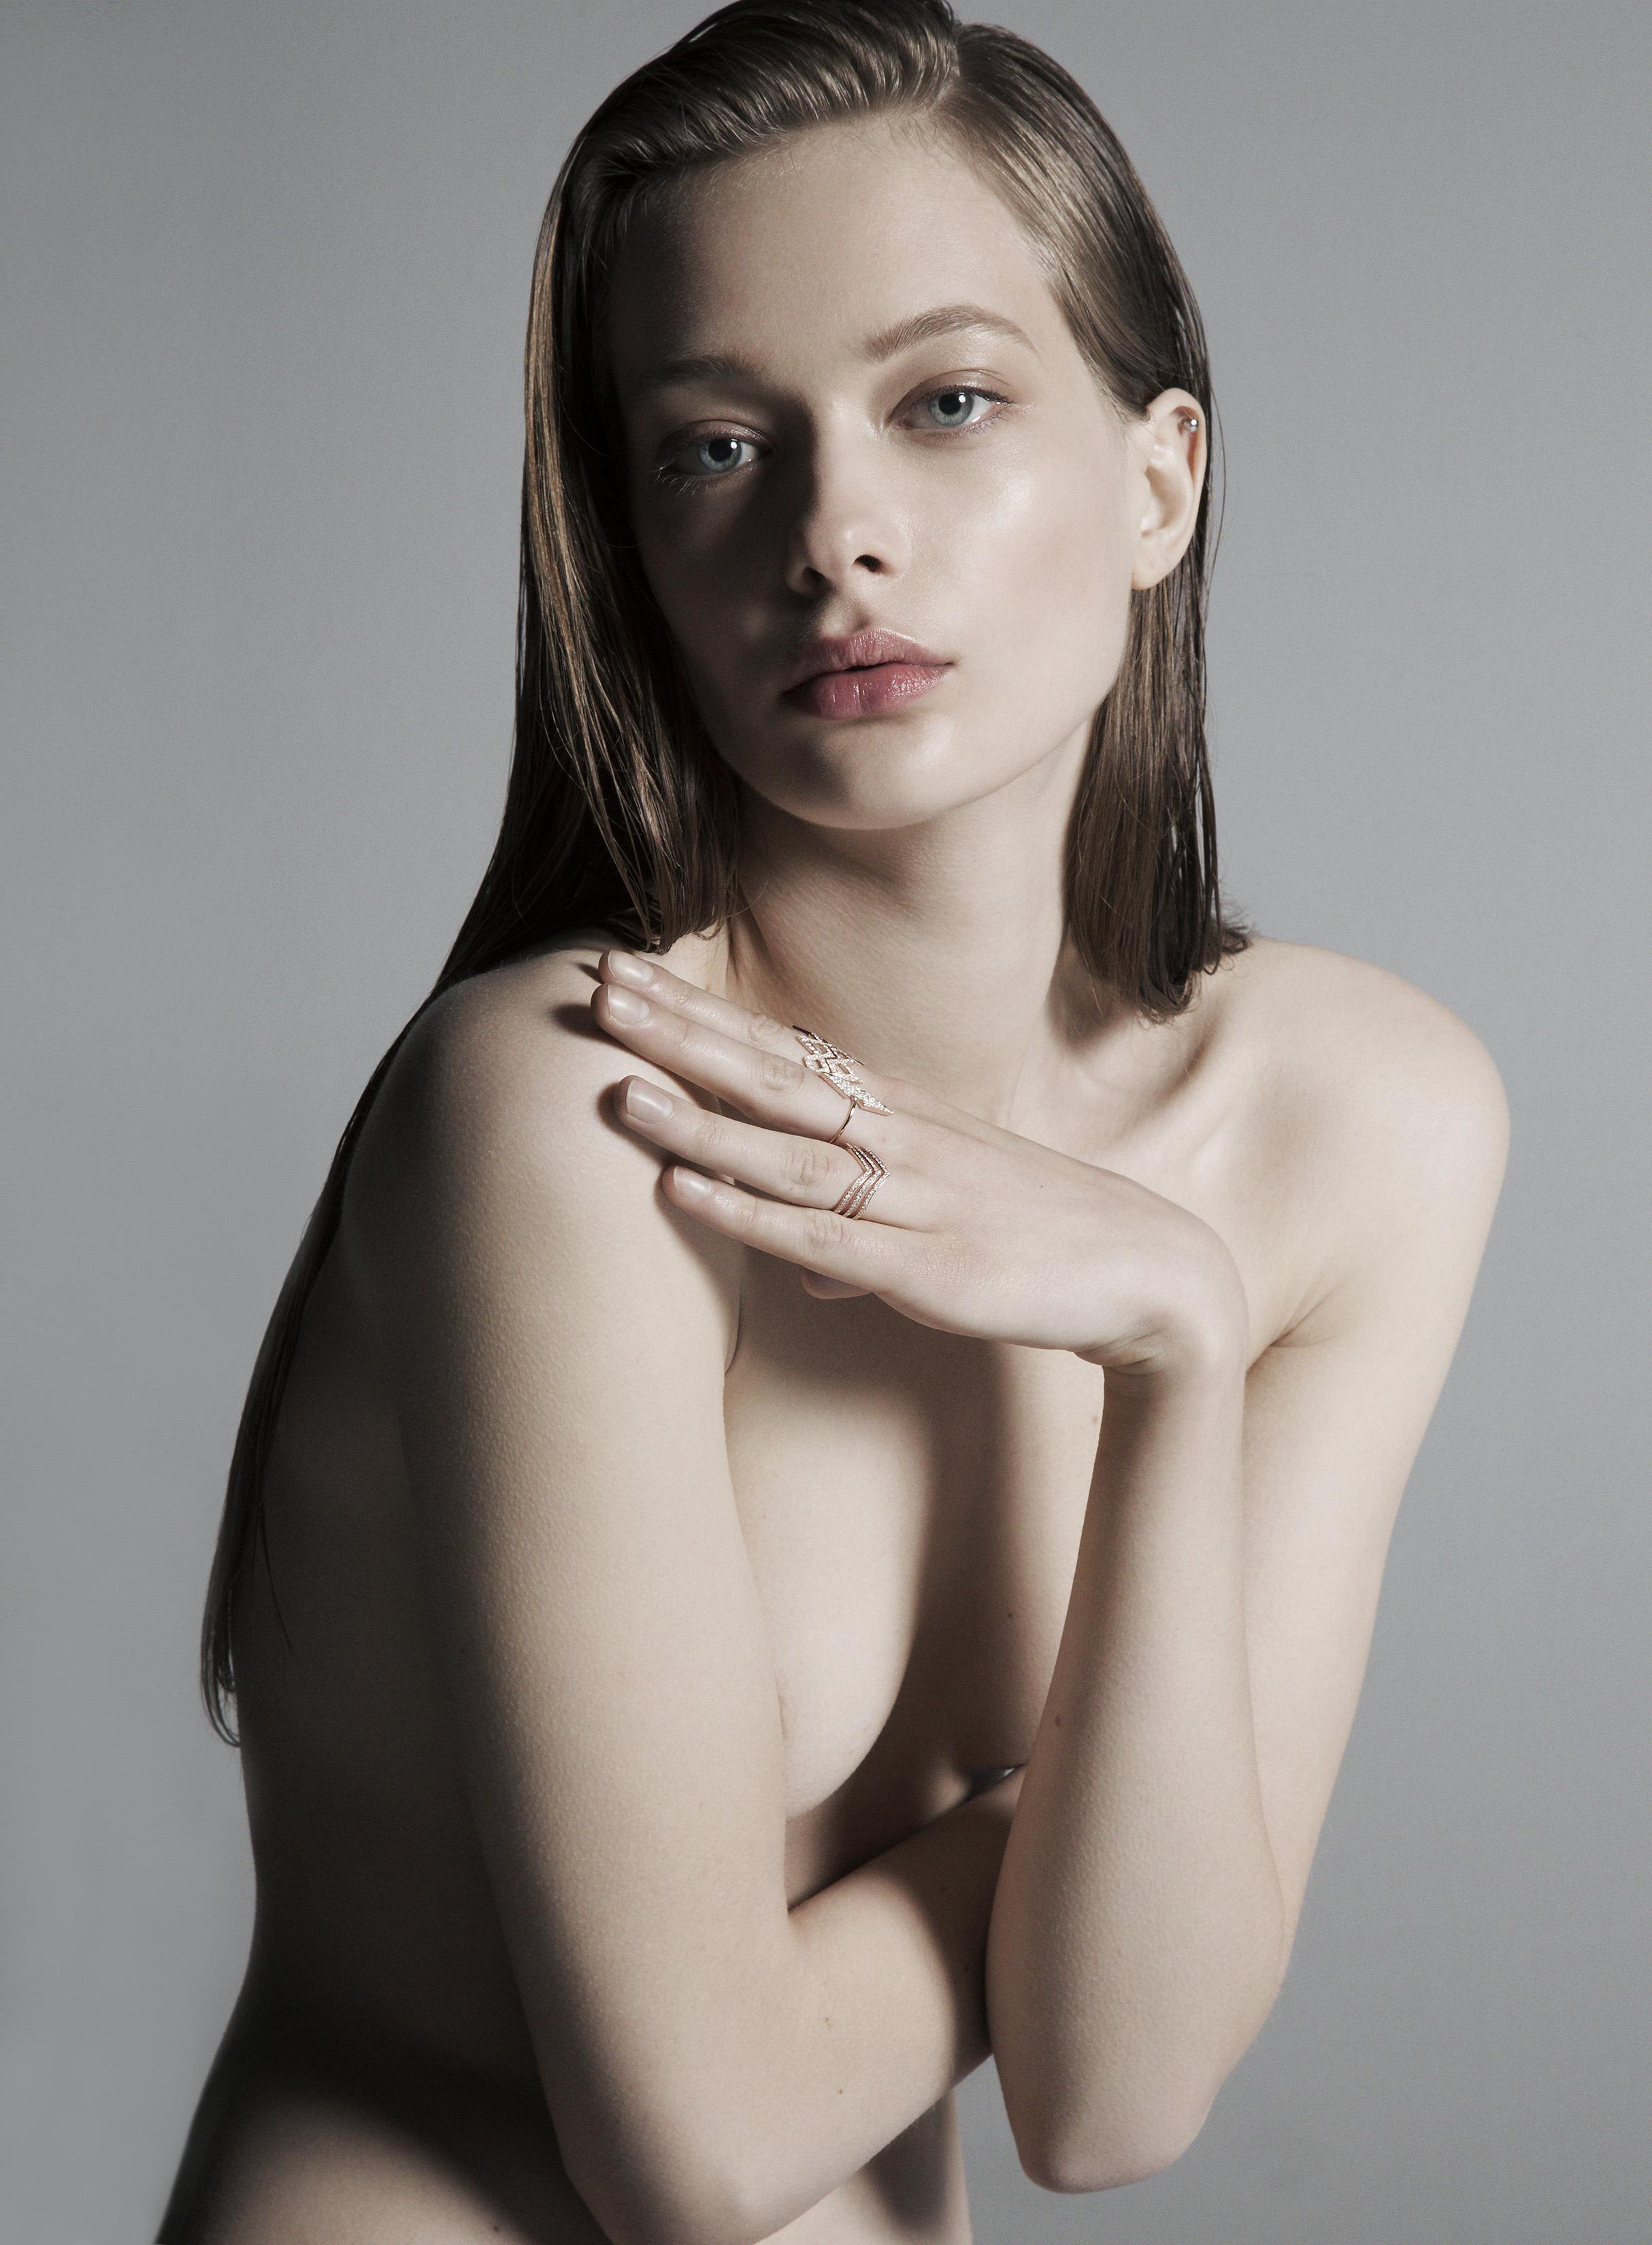 AlishaGoldstein_Tanya_beauty2.jpg